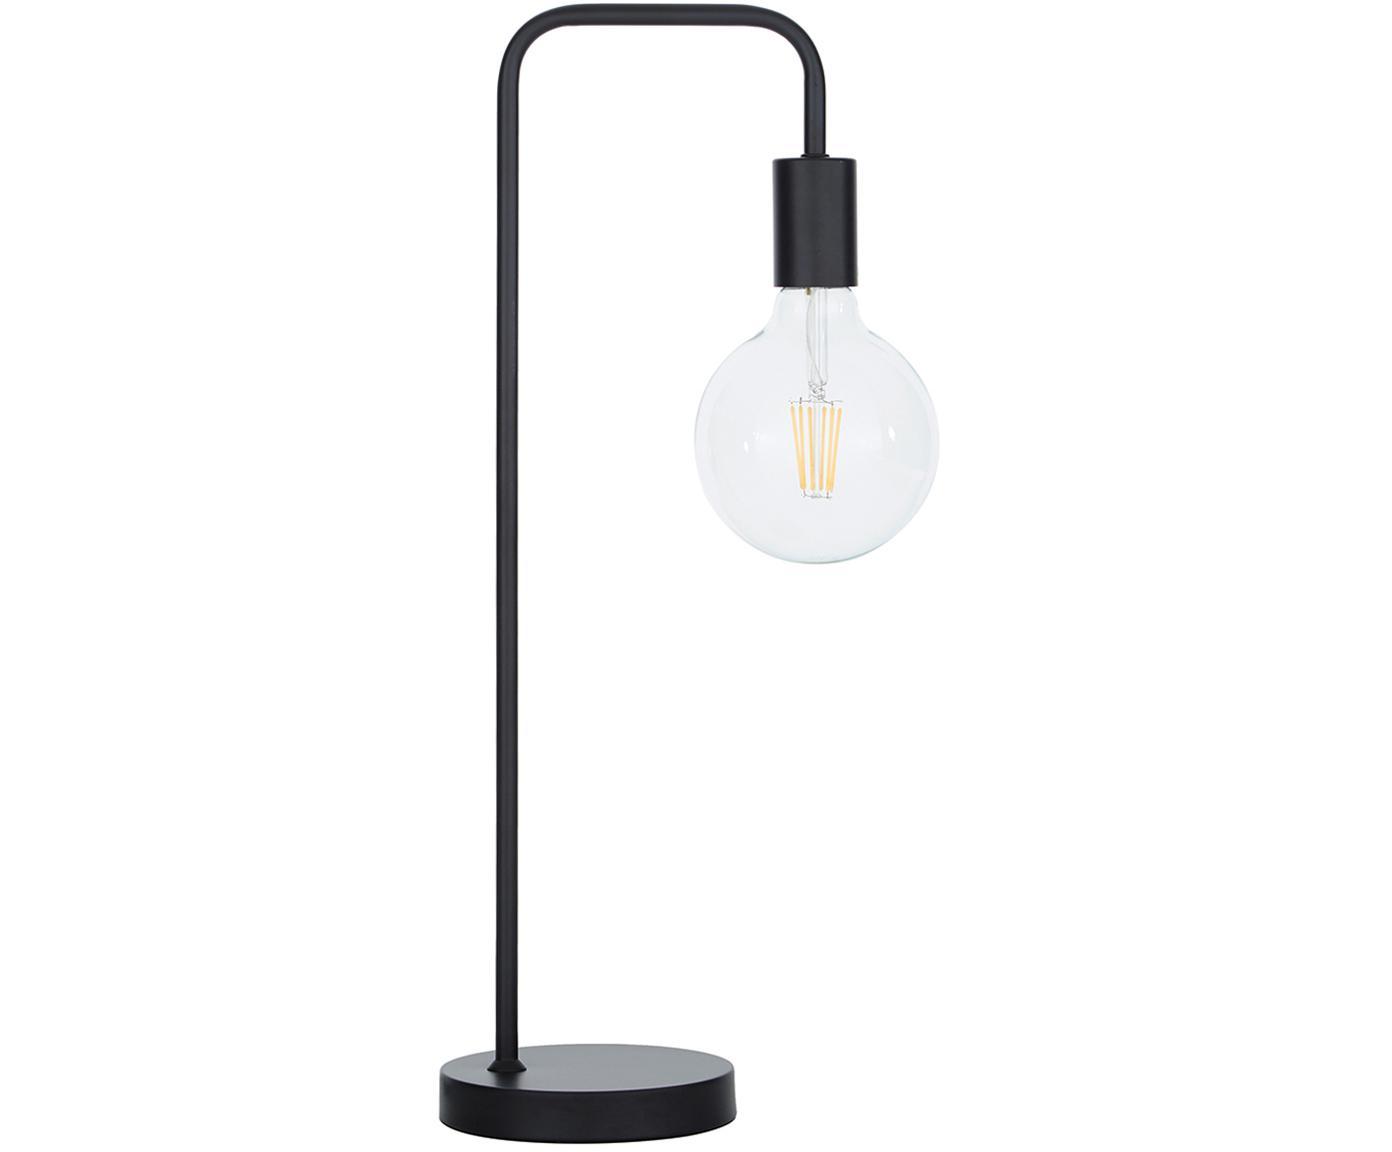 Schreibtischlampe Flow, Schwarz, 22 x 56 cm